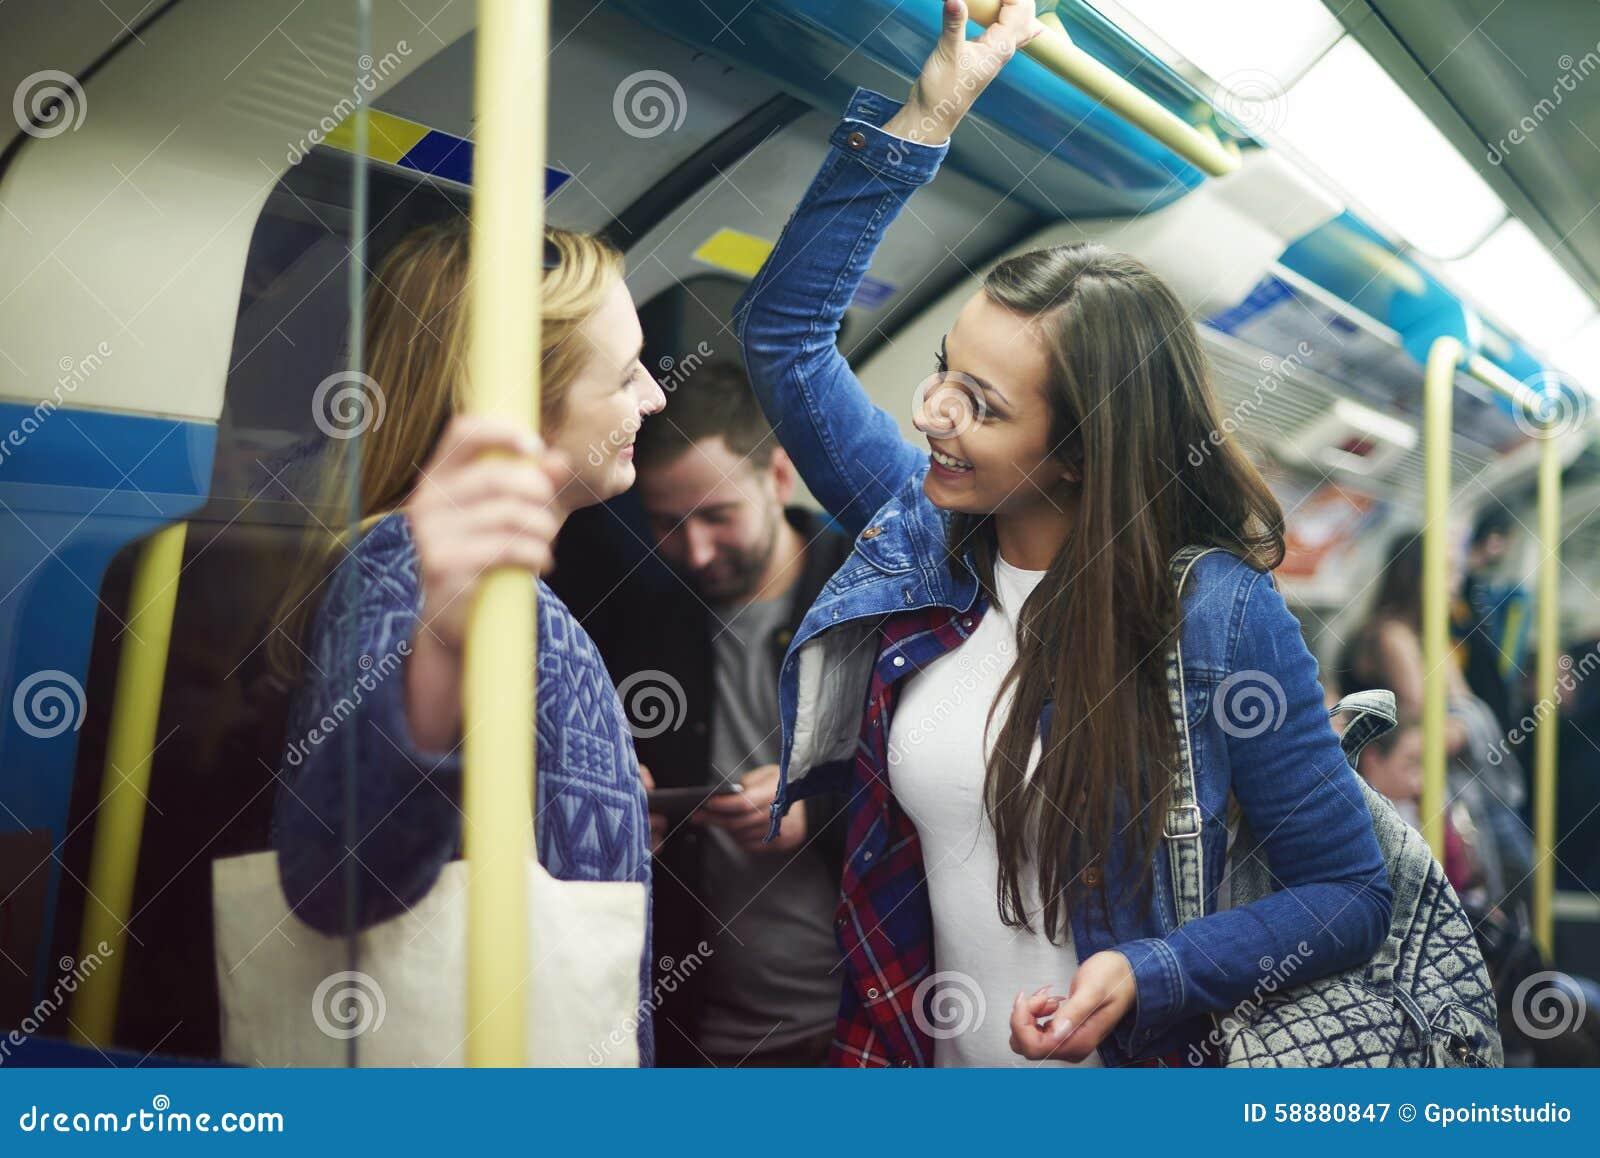 Работа девушки в метро работа для девушки в запорожье